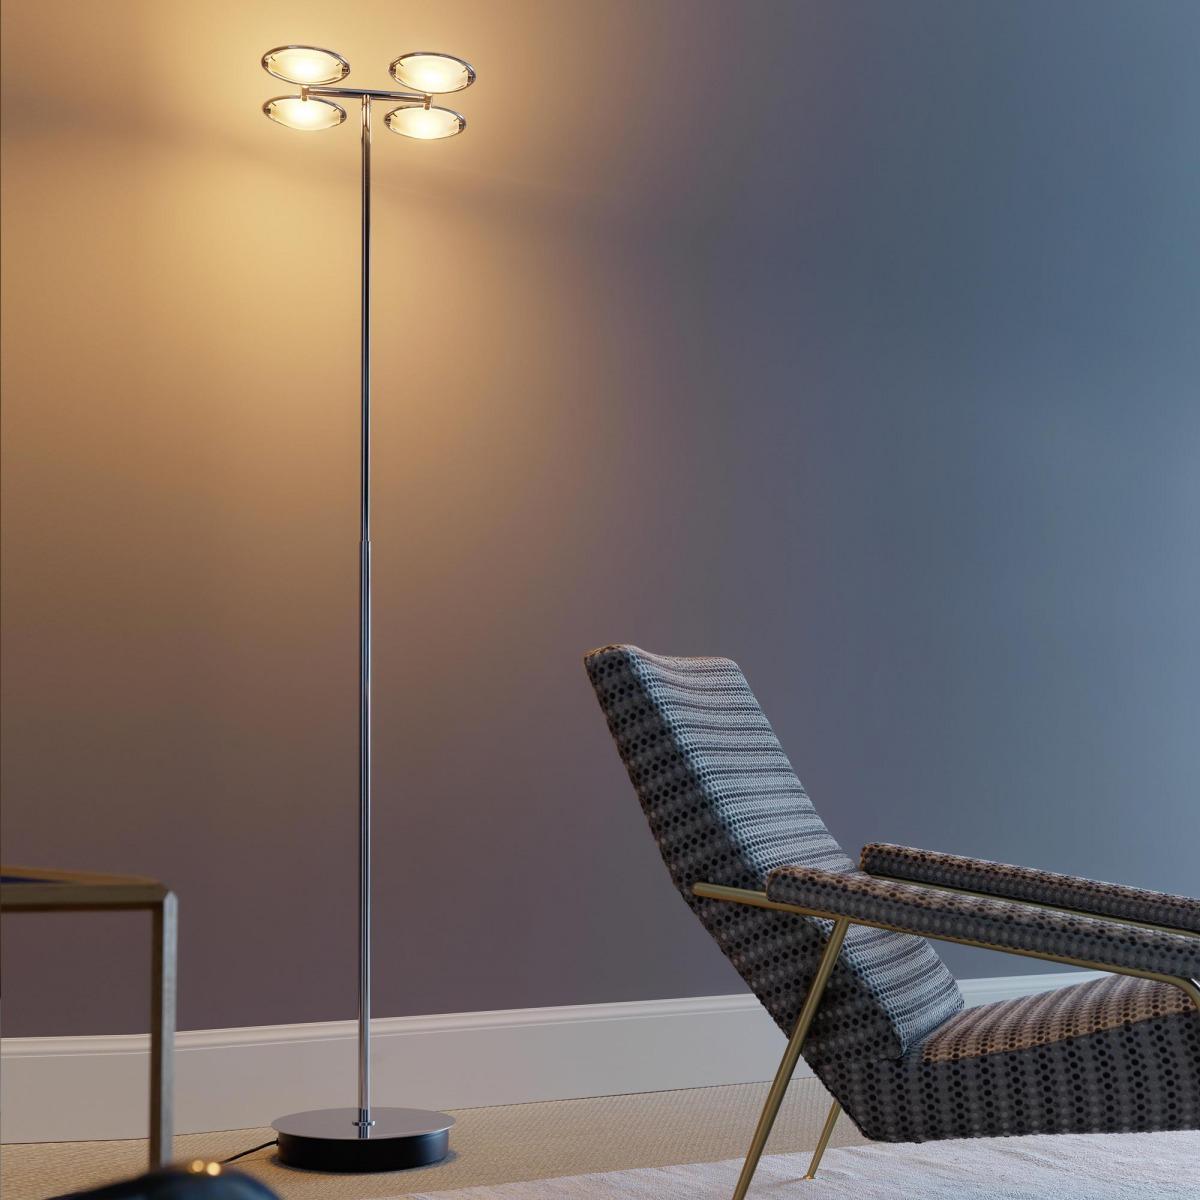 Nobi 4 Floor Lamp - Marquis HnC